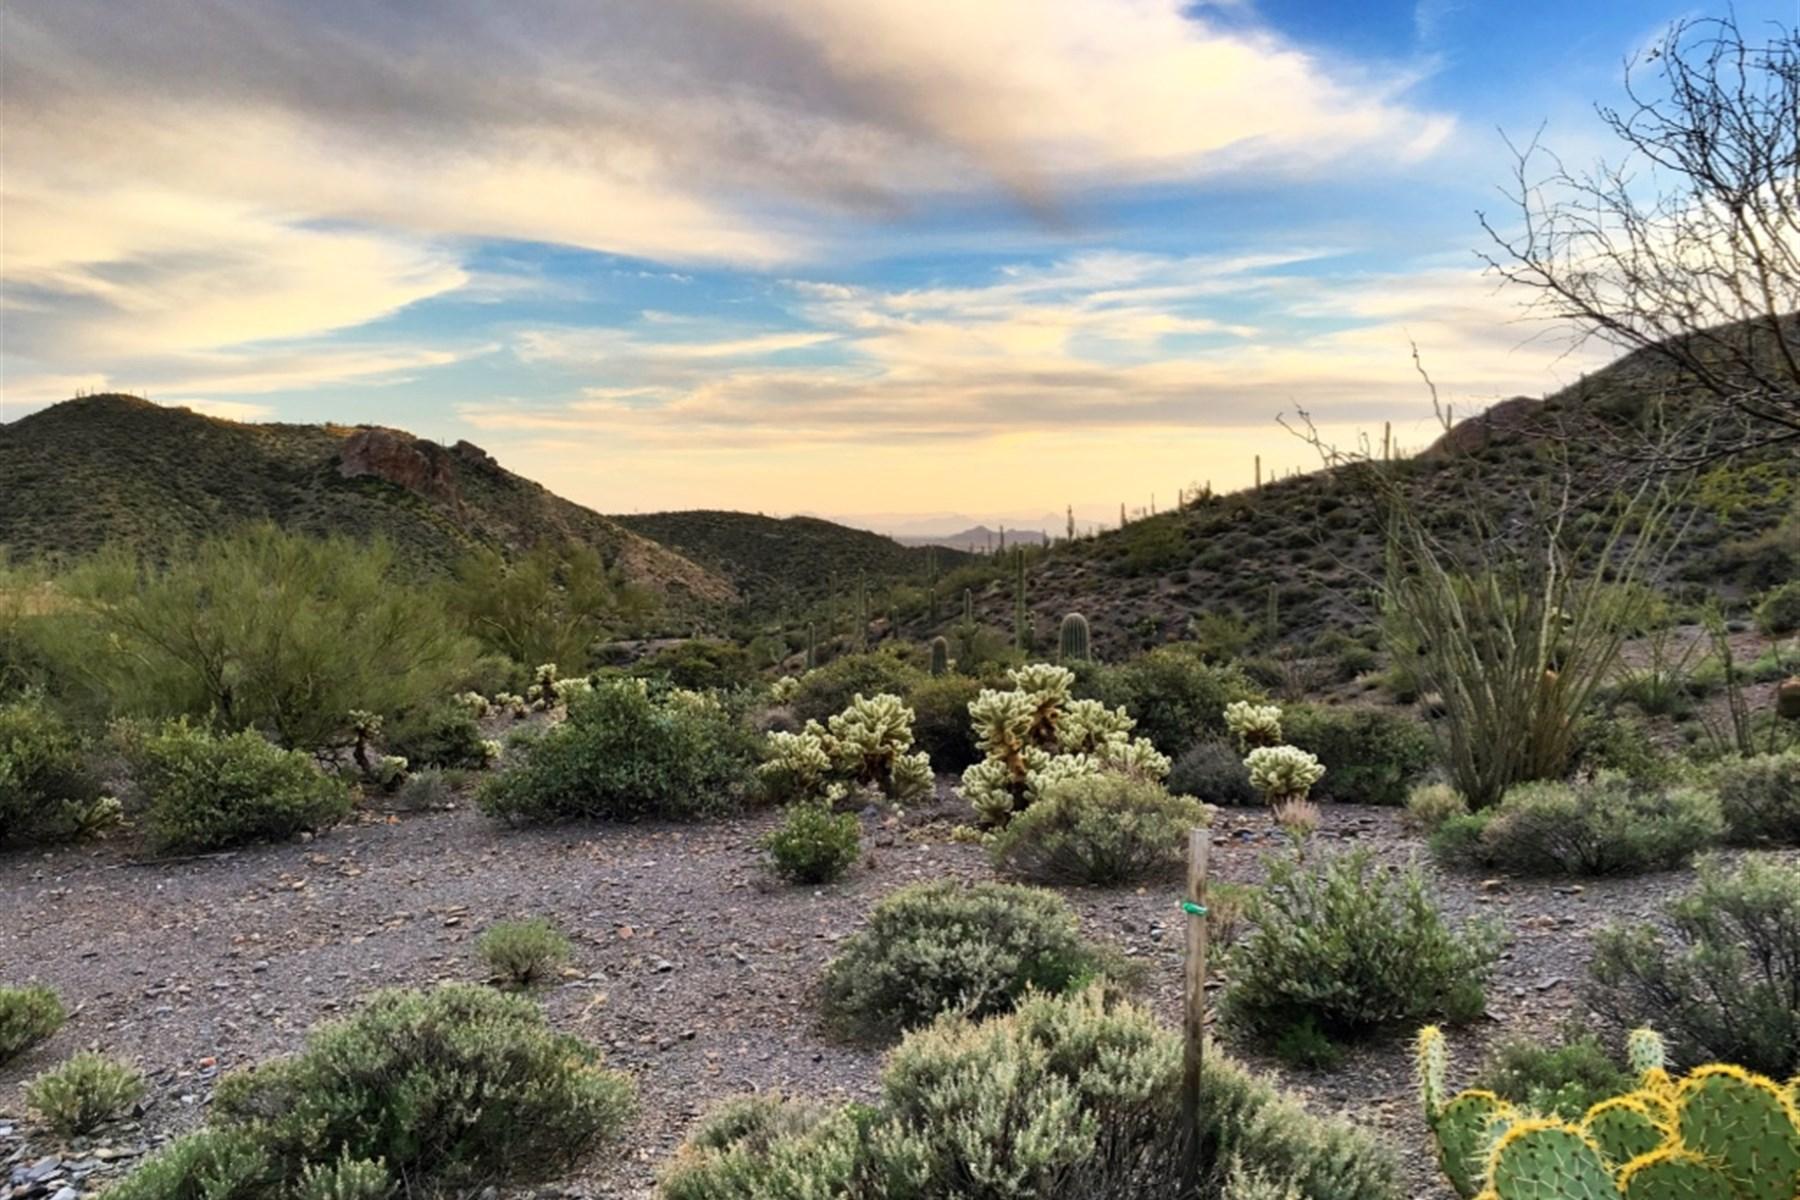 Arazi için Satış at 3.2-acre lot located within Desert Mountain's Cintarosa 42643 N Old Corral Rd #329 Scottsdale, Arizona, 85262 Amerika Birleşik Devletleri